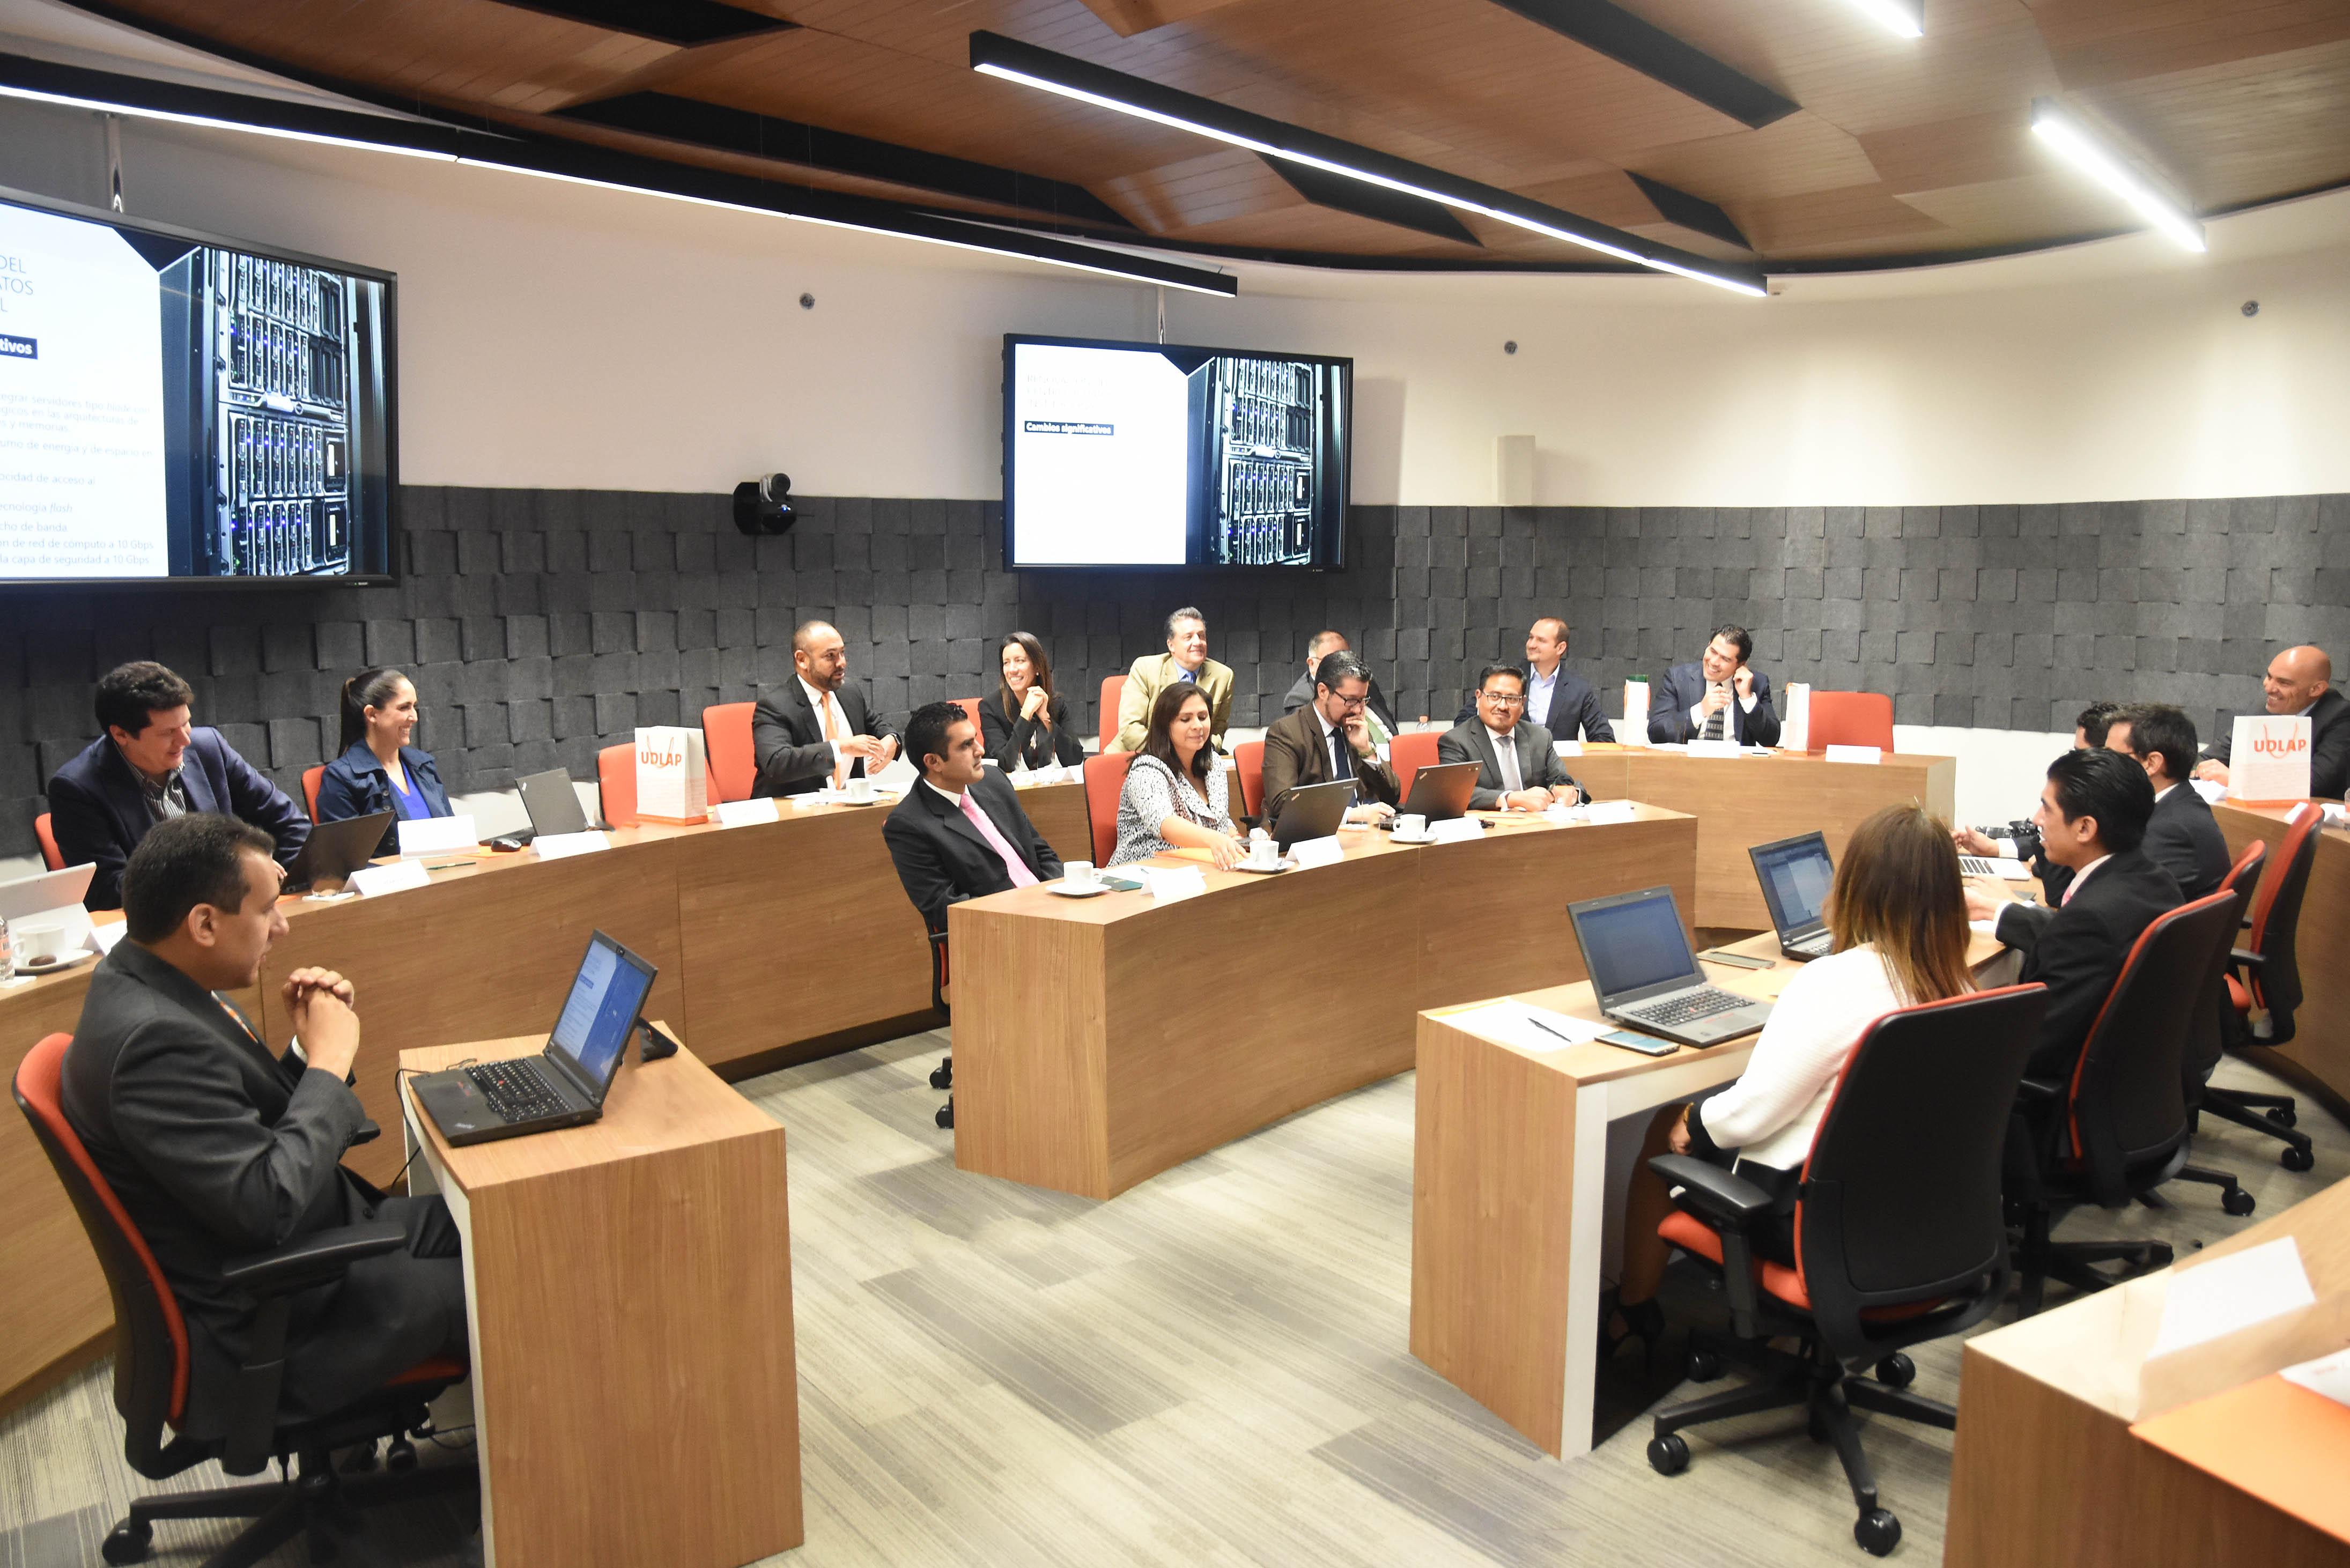 Líderes de tecnología presentes  en Consejo de Innovación UDLAP